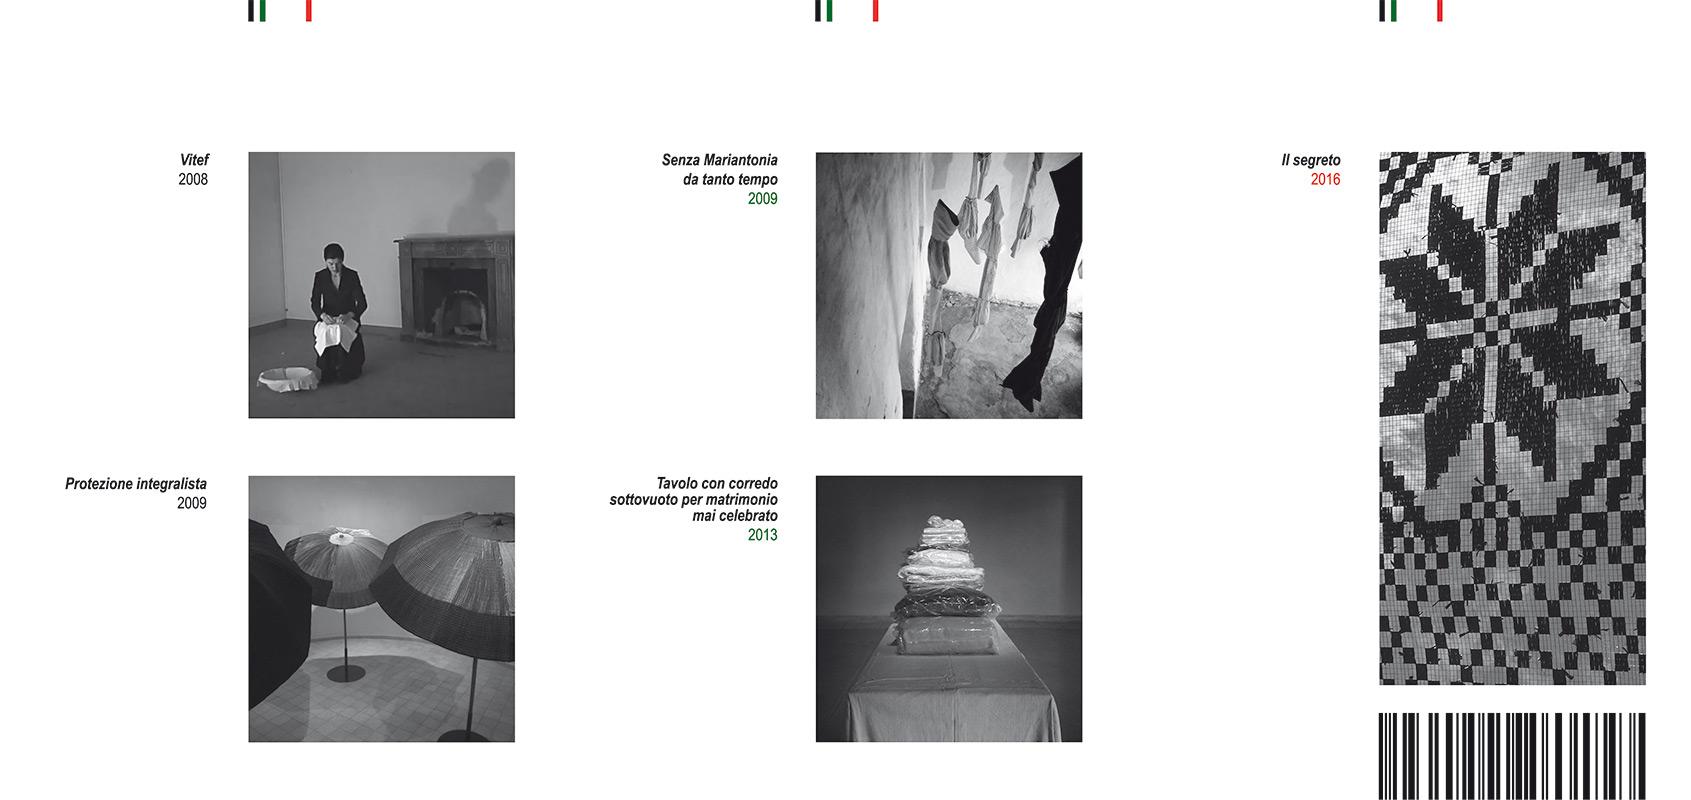 VITEF la Mostra di Pietruccia Bassu curata da Valerio Dehò si svolgerà all'Archivio storico del Comune di Sassari dal 1° al 15 luglio 2016.